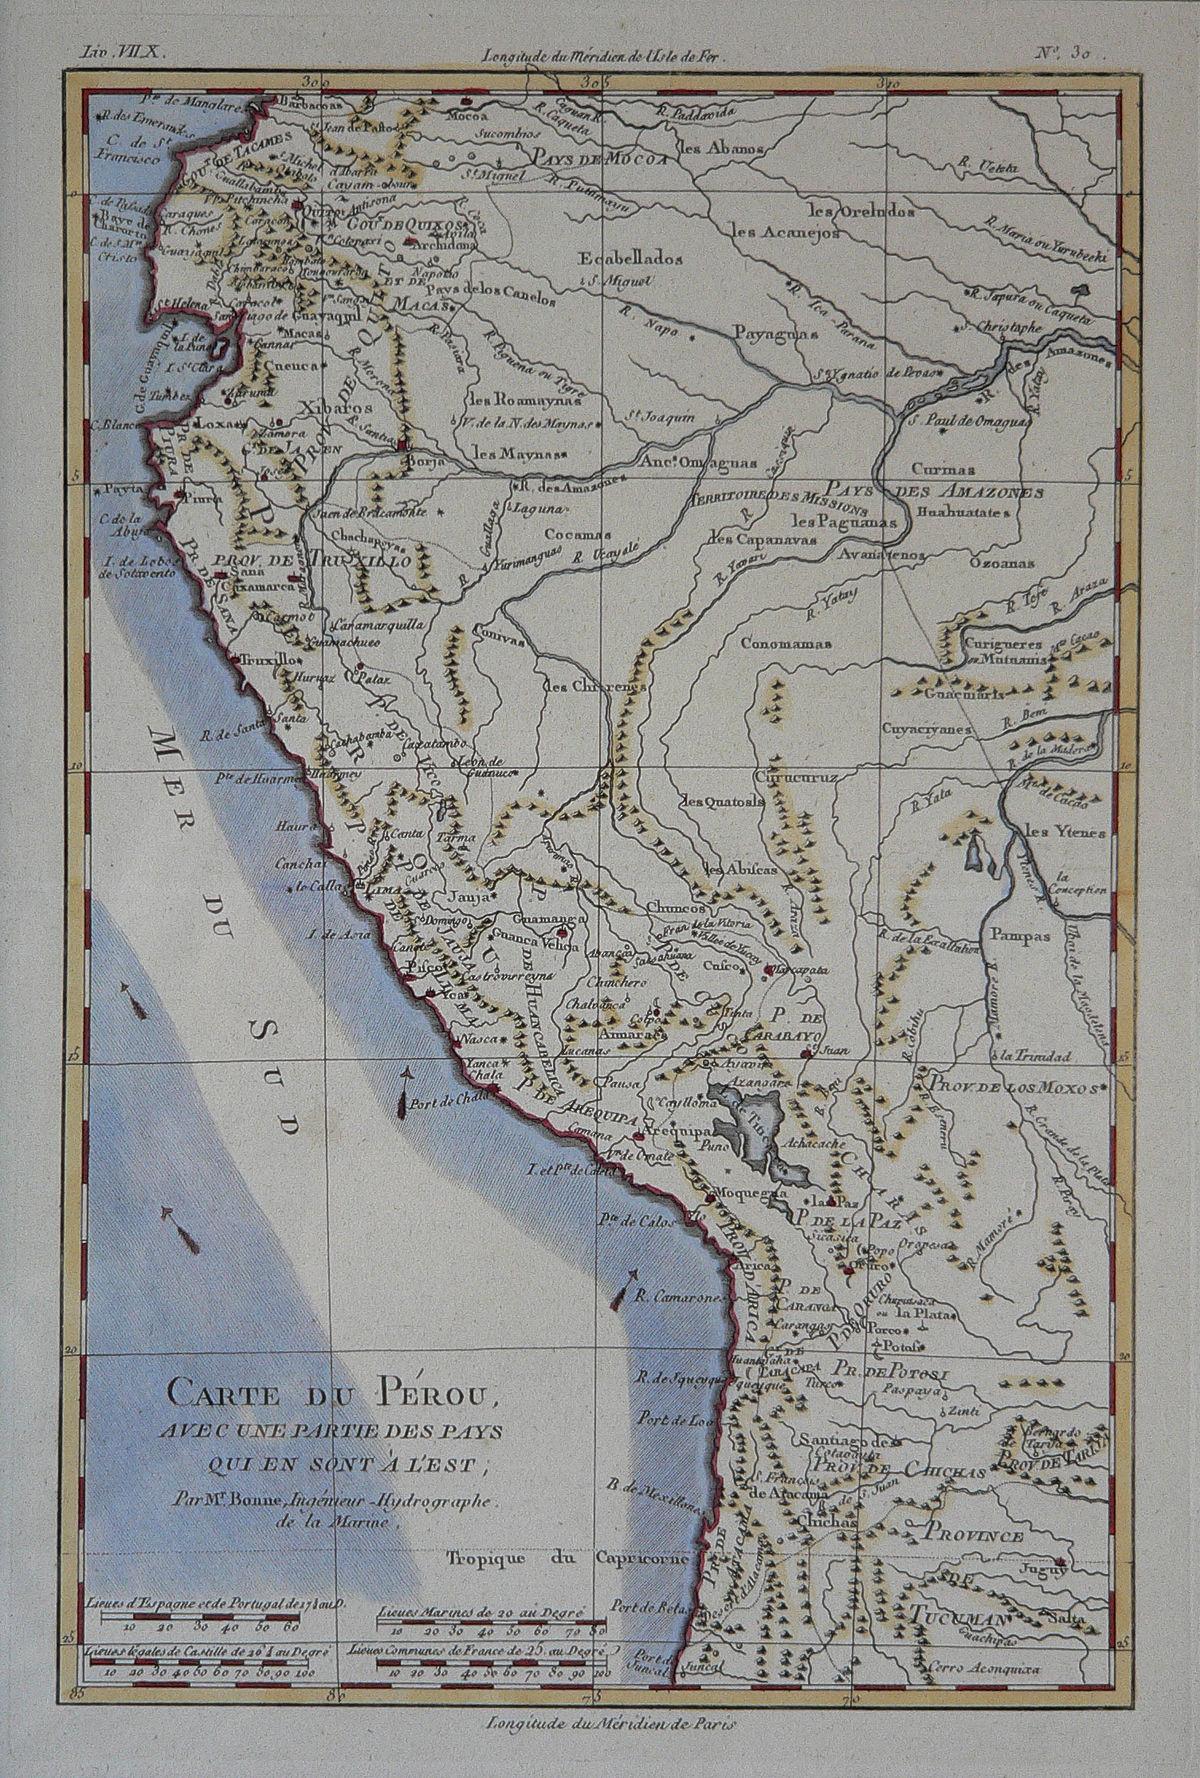 Ejército Real del Perú - Wikipedia, la enciclopedia libre